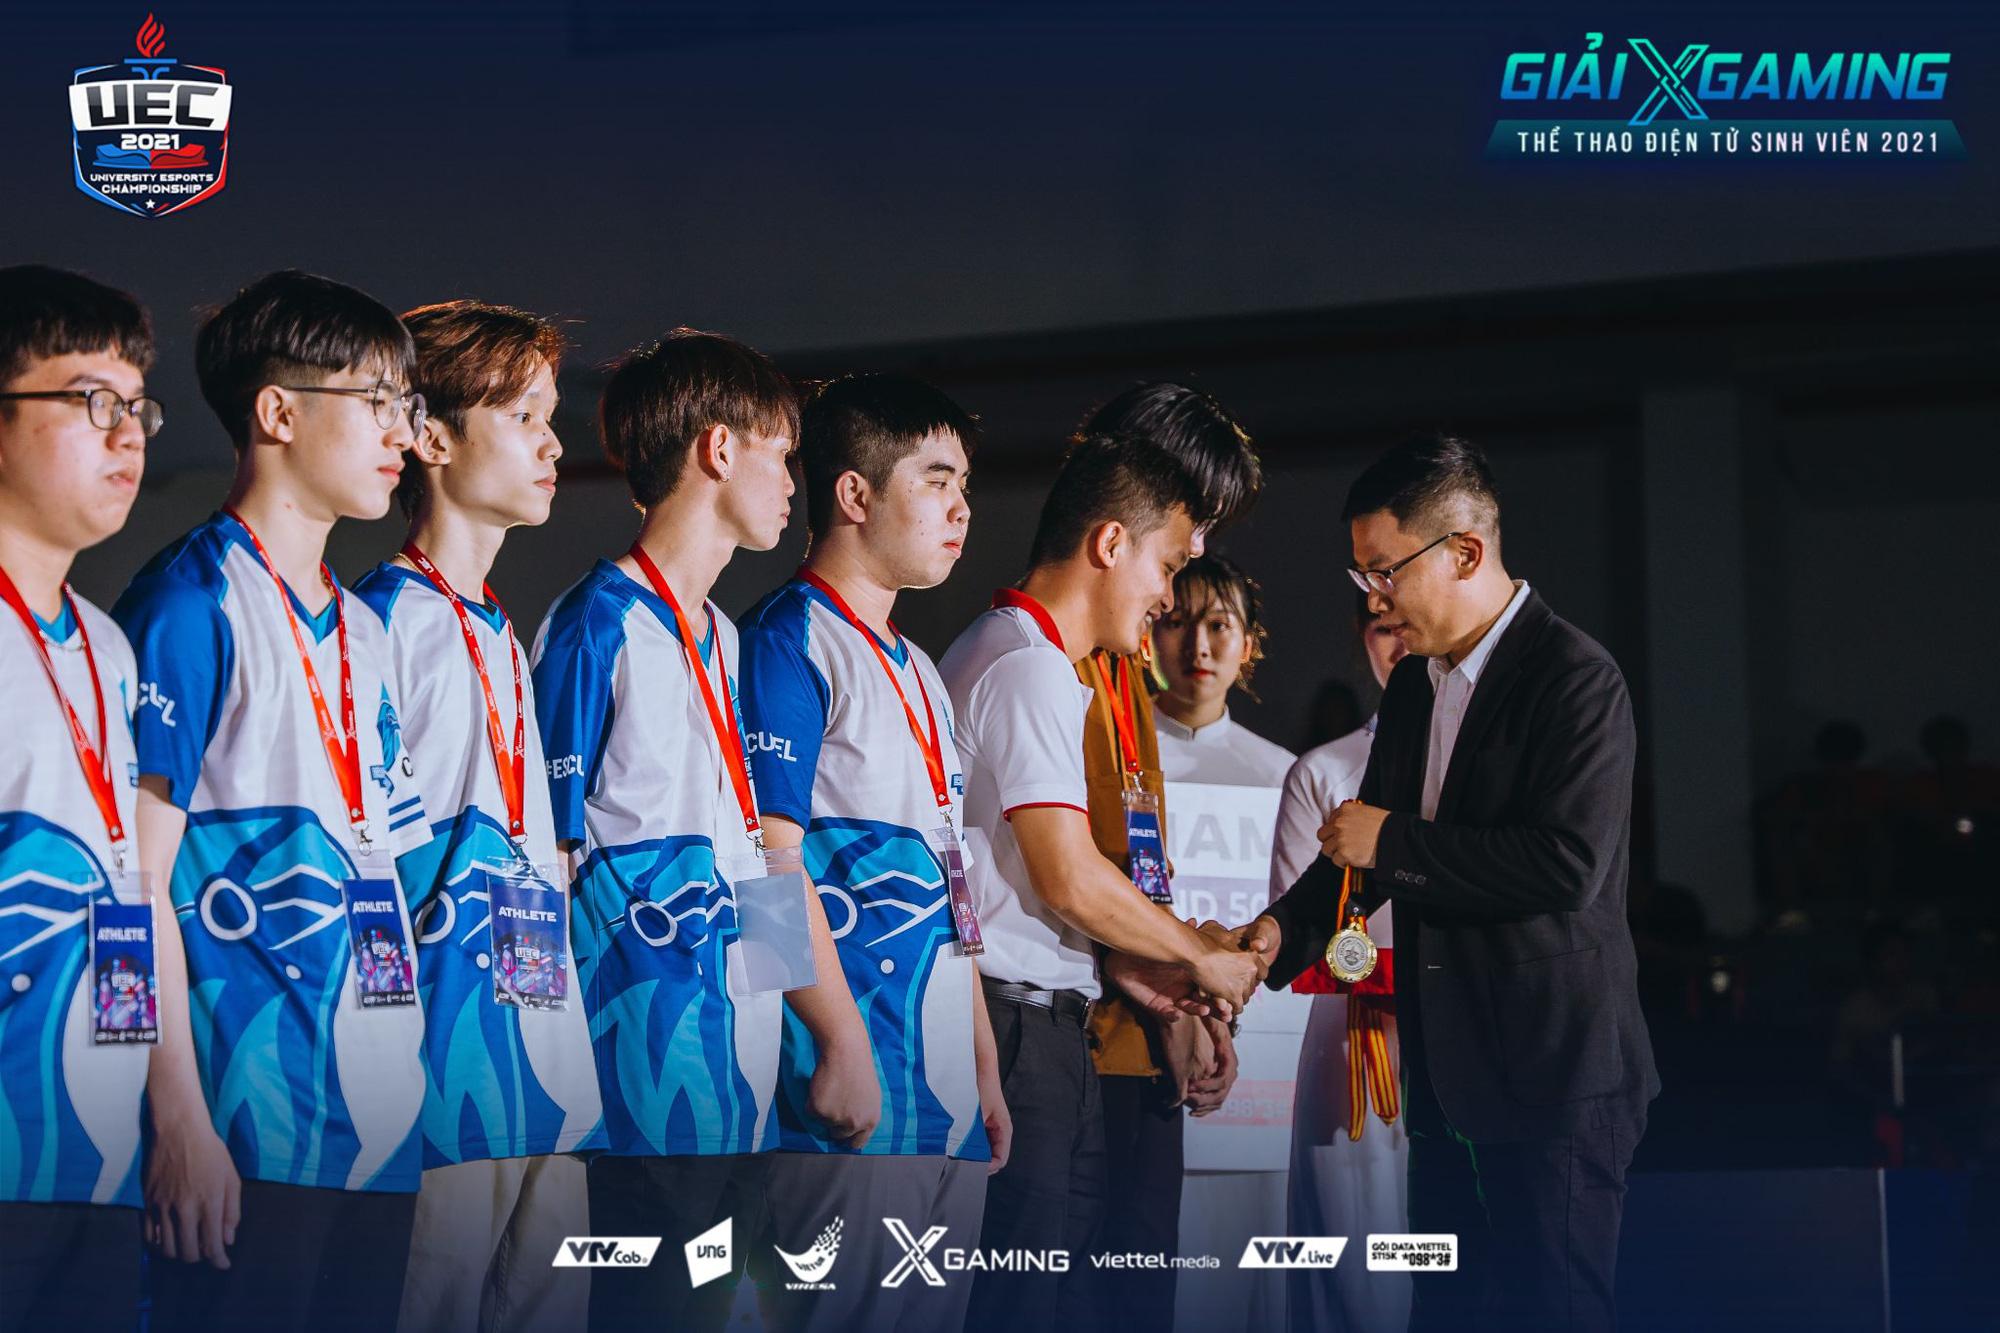 Xgaming - UEC 2021: Cuộc đại tuyển chọn cho tương lai eSports Việt Nam - Ảnh 5.